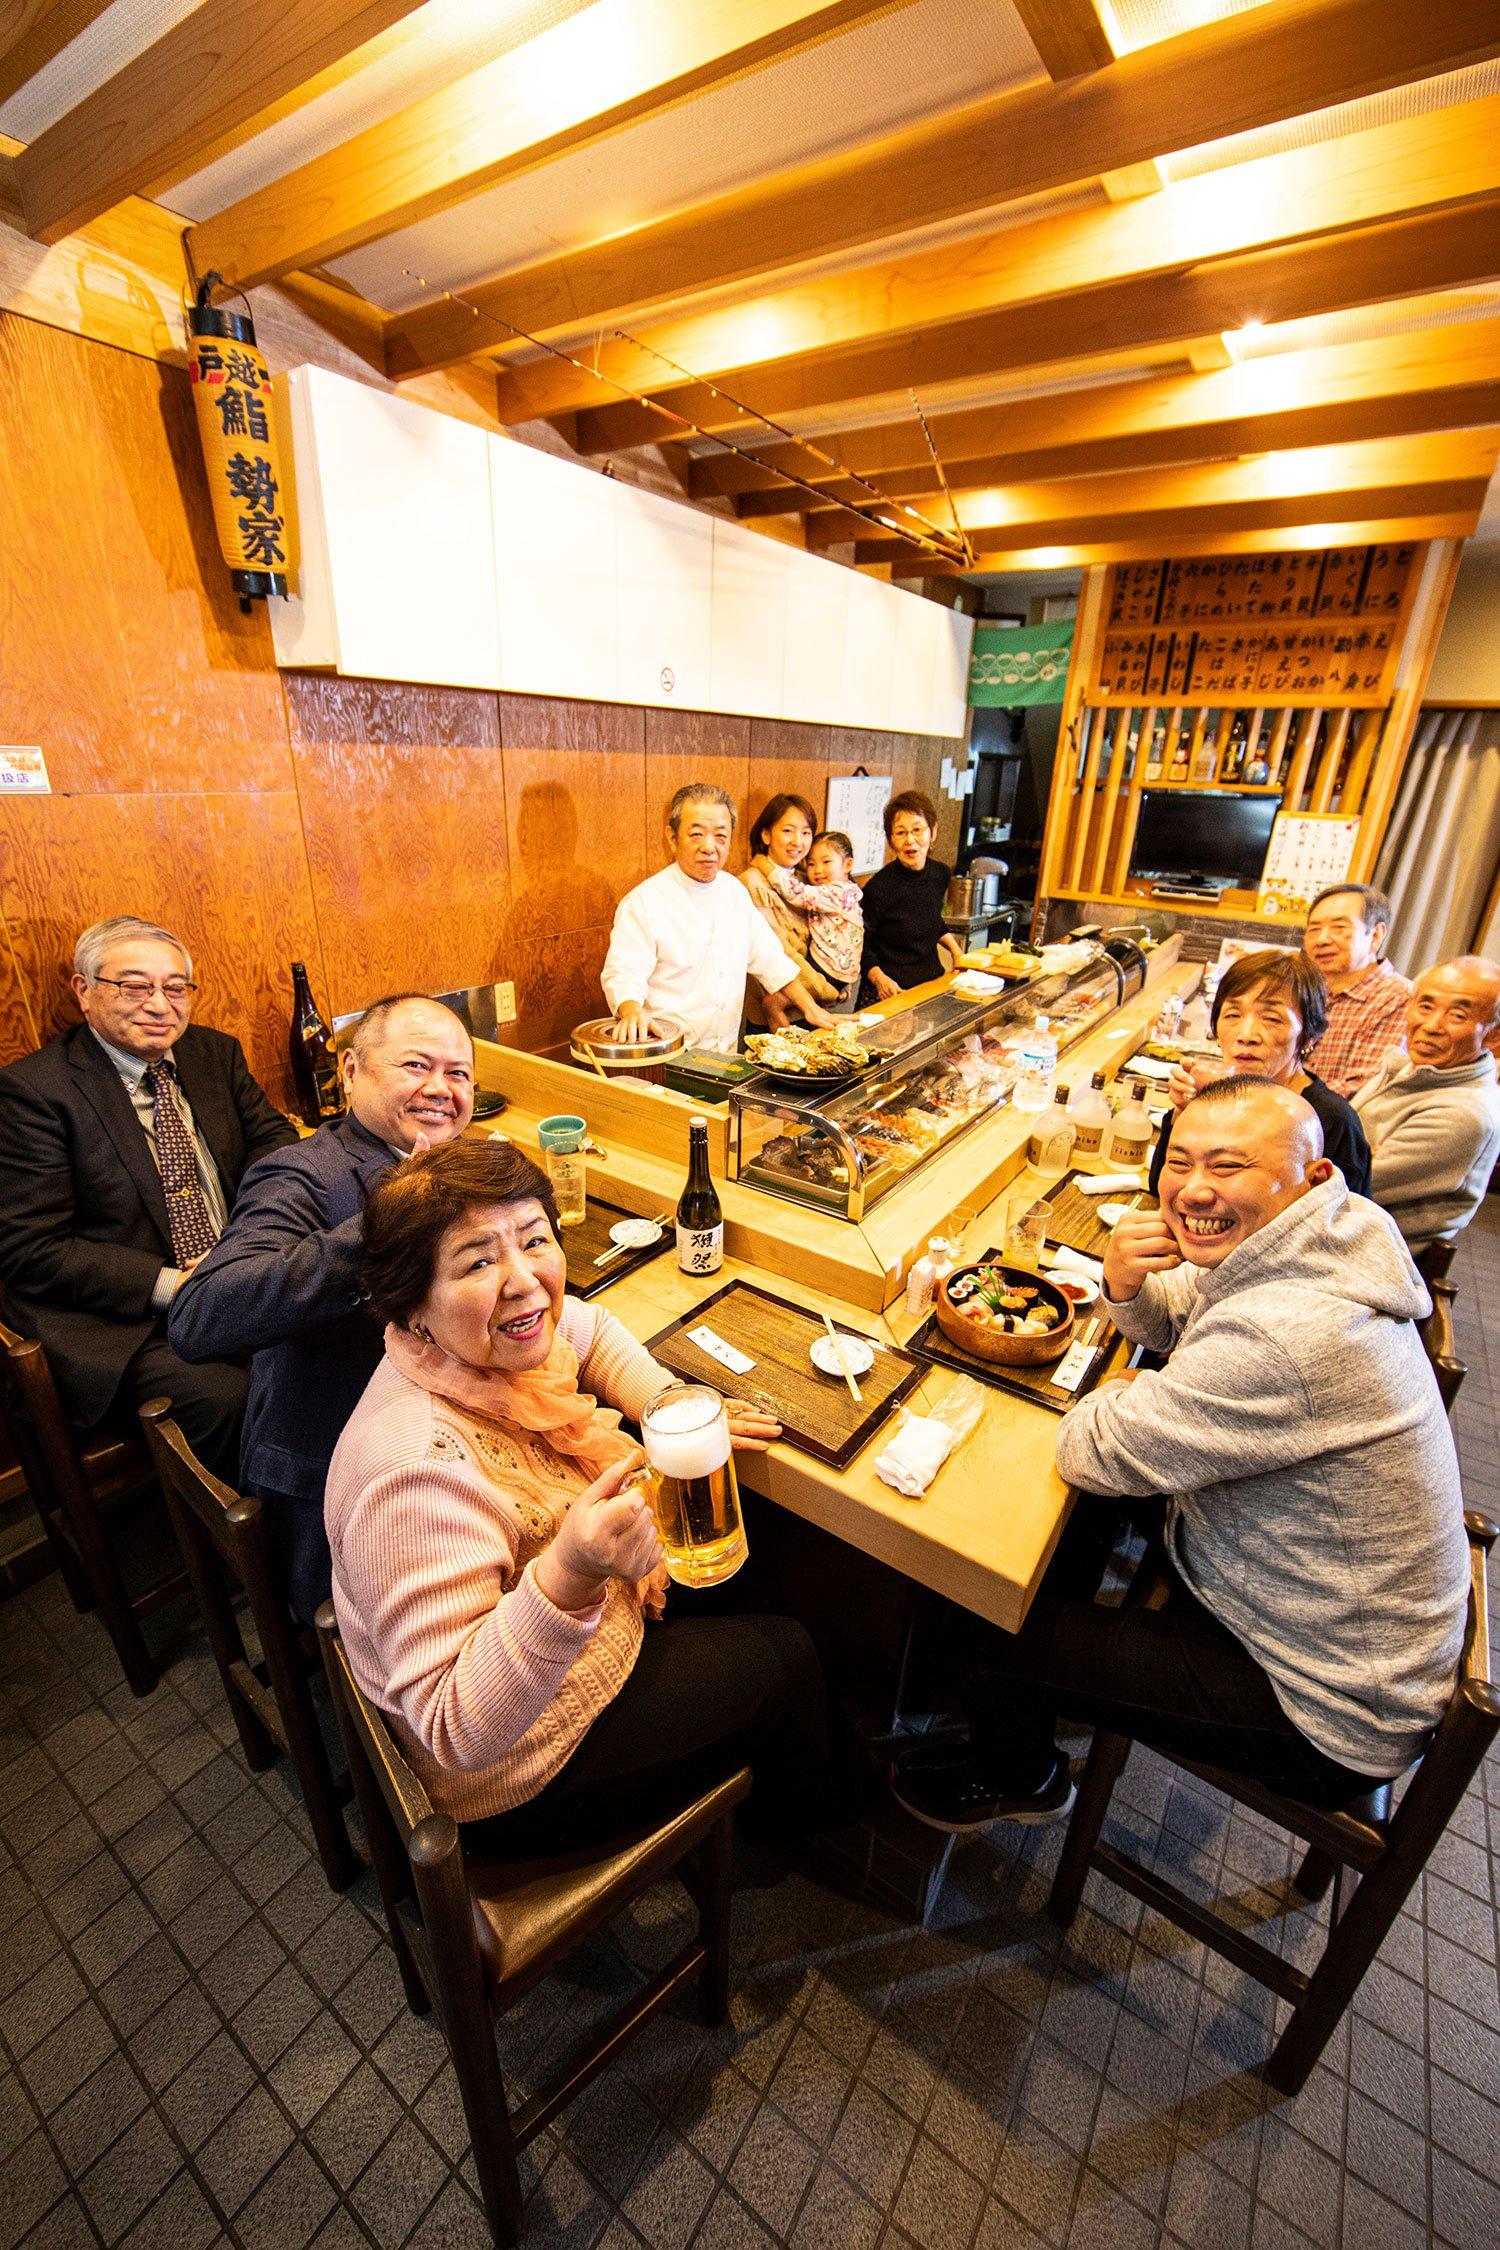 宮治さんいきつけの寿司屋『勢家』は、家族ぐるみの付き合い。「ここに来たらみんな親戚なの!」という常連さんも皆ご近所さん。